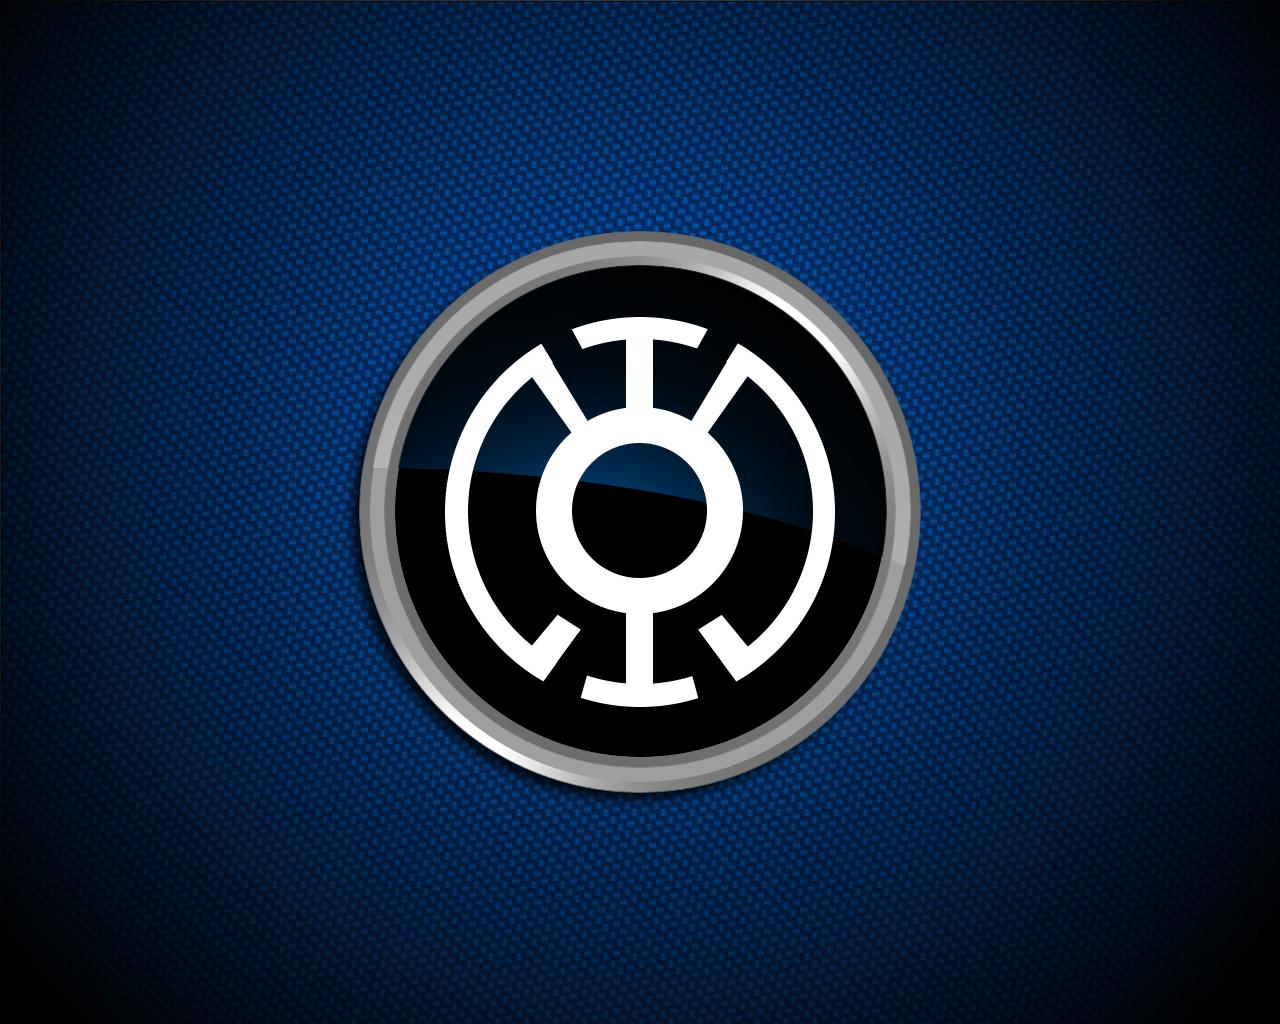 Download DC Comics Wallpaper 1280x1024 Wallpoper 343150 1280x1024